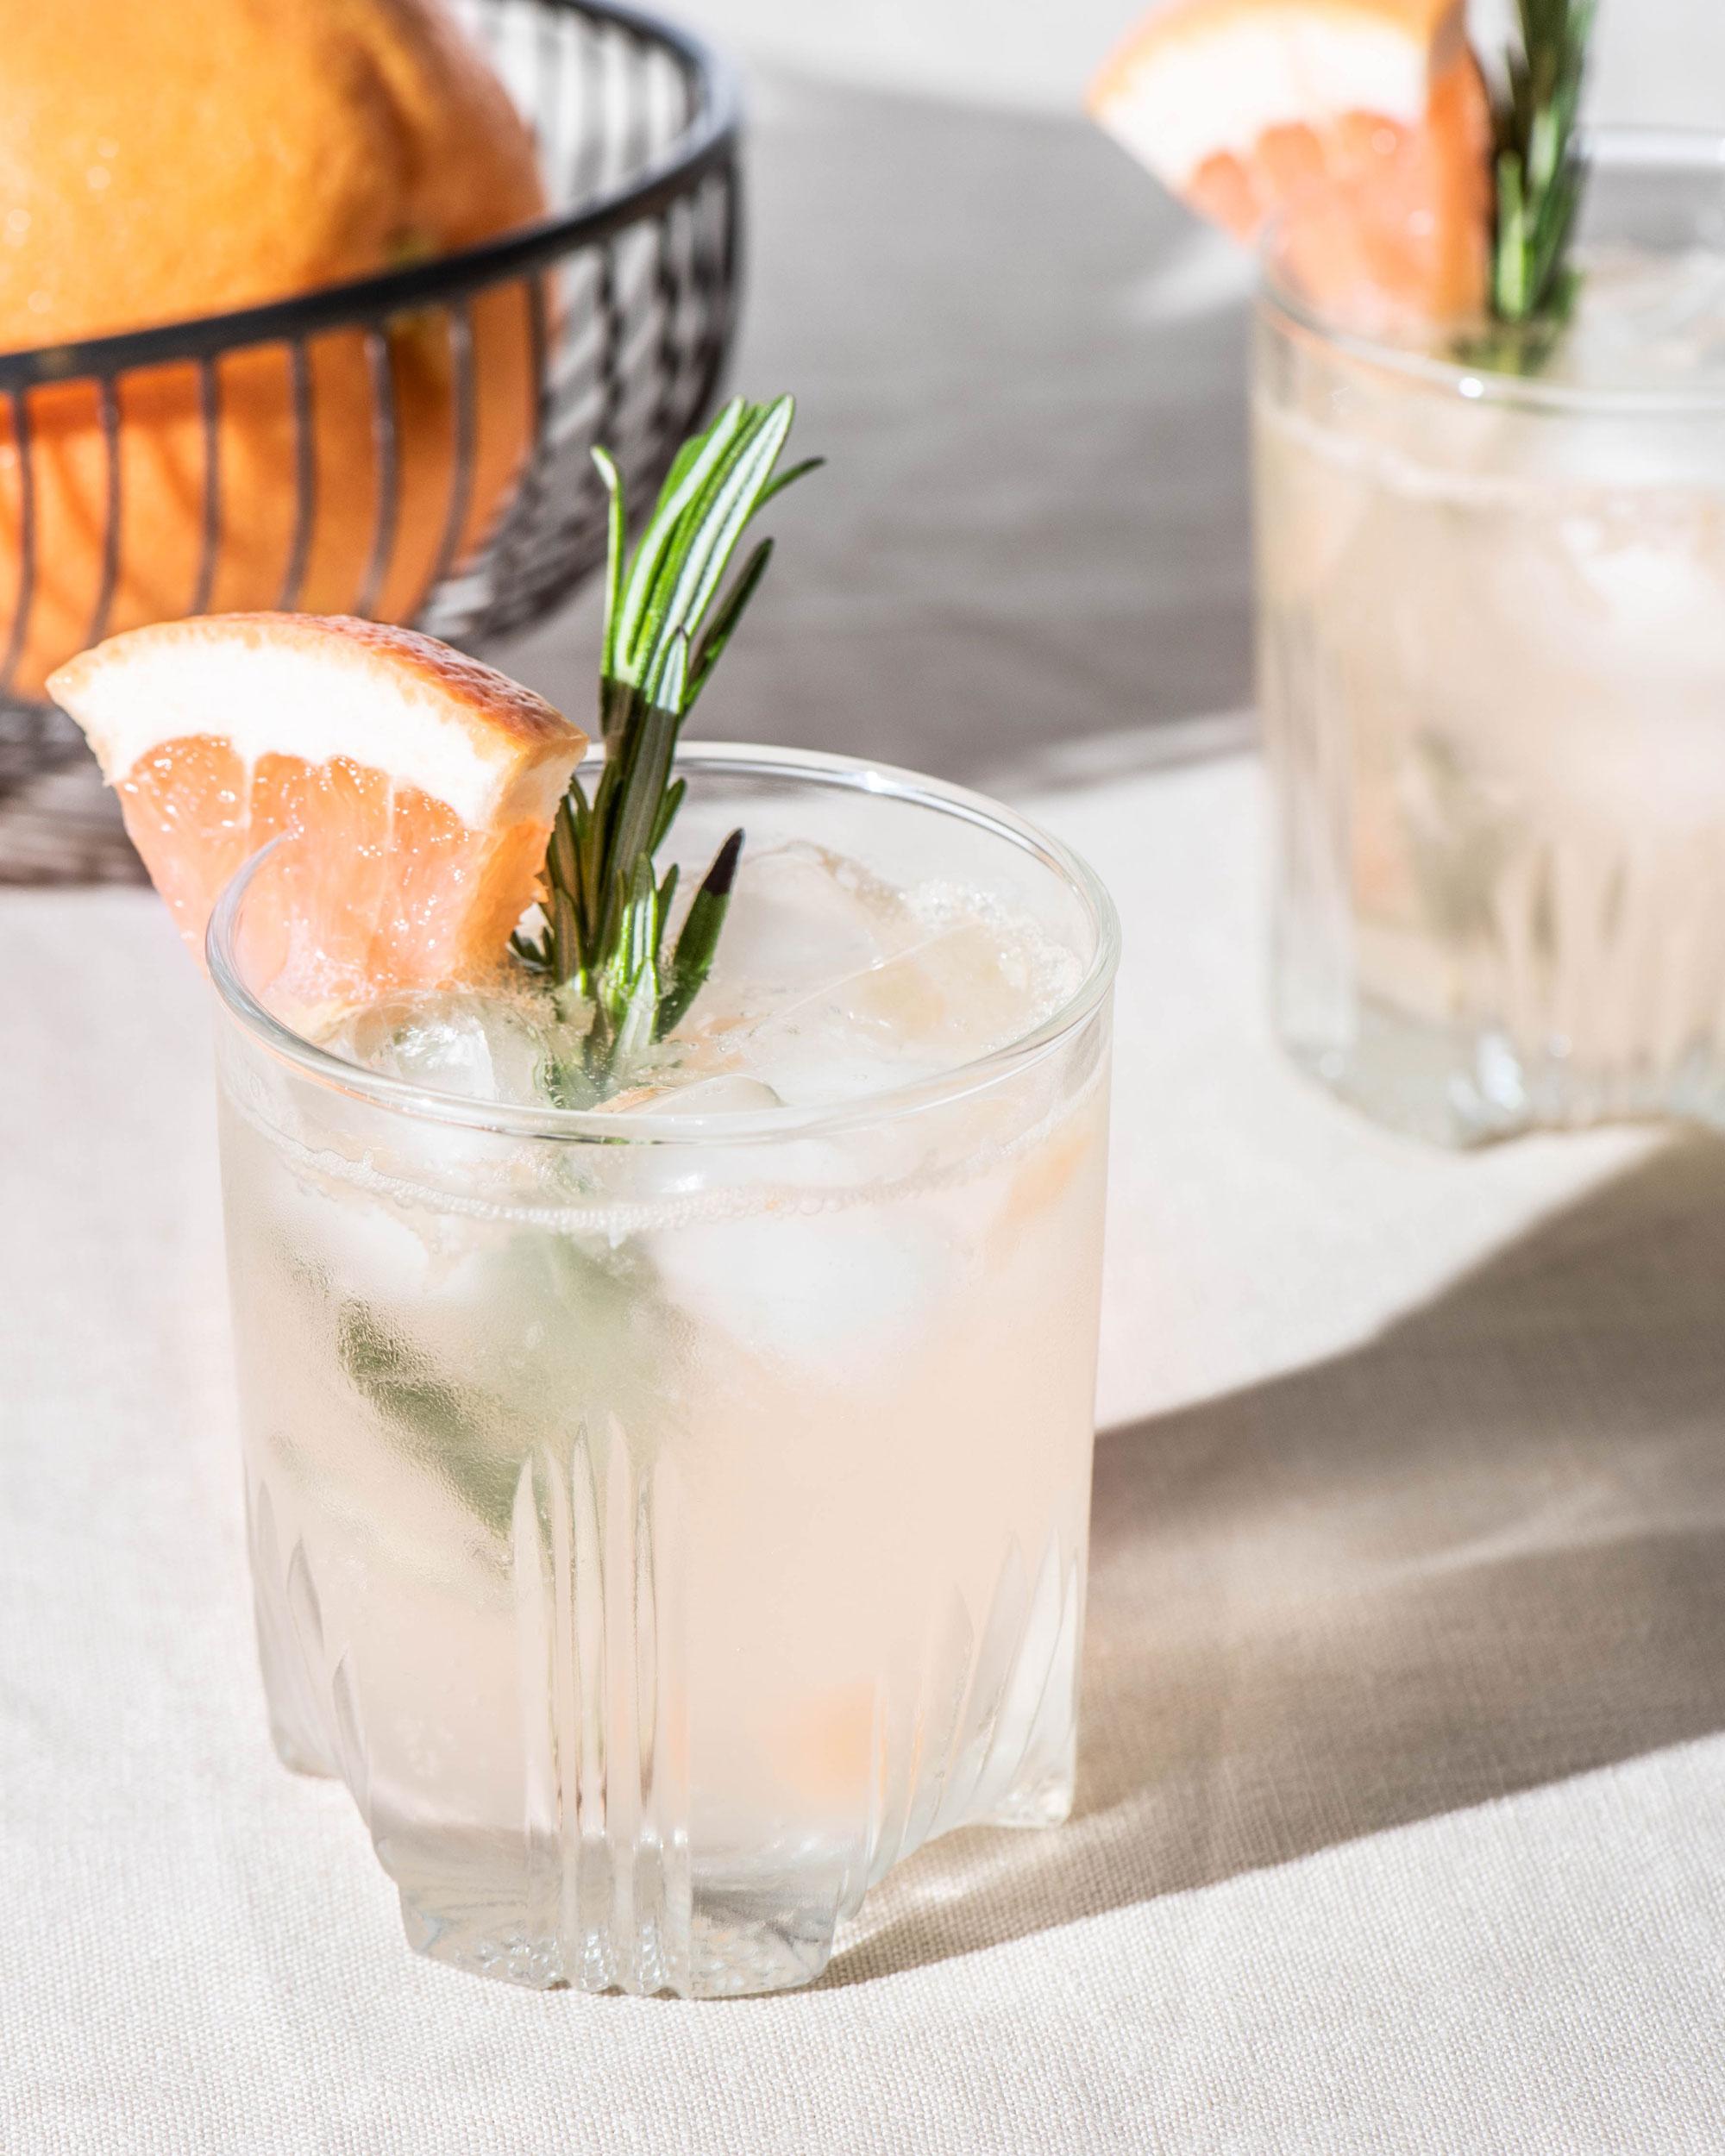 190625-Cocktail-GrapefruitRosemary-240.jpg